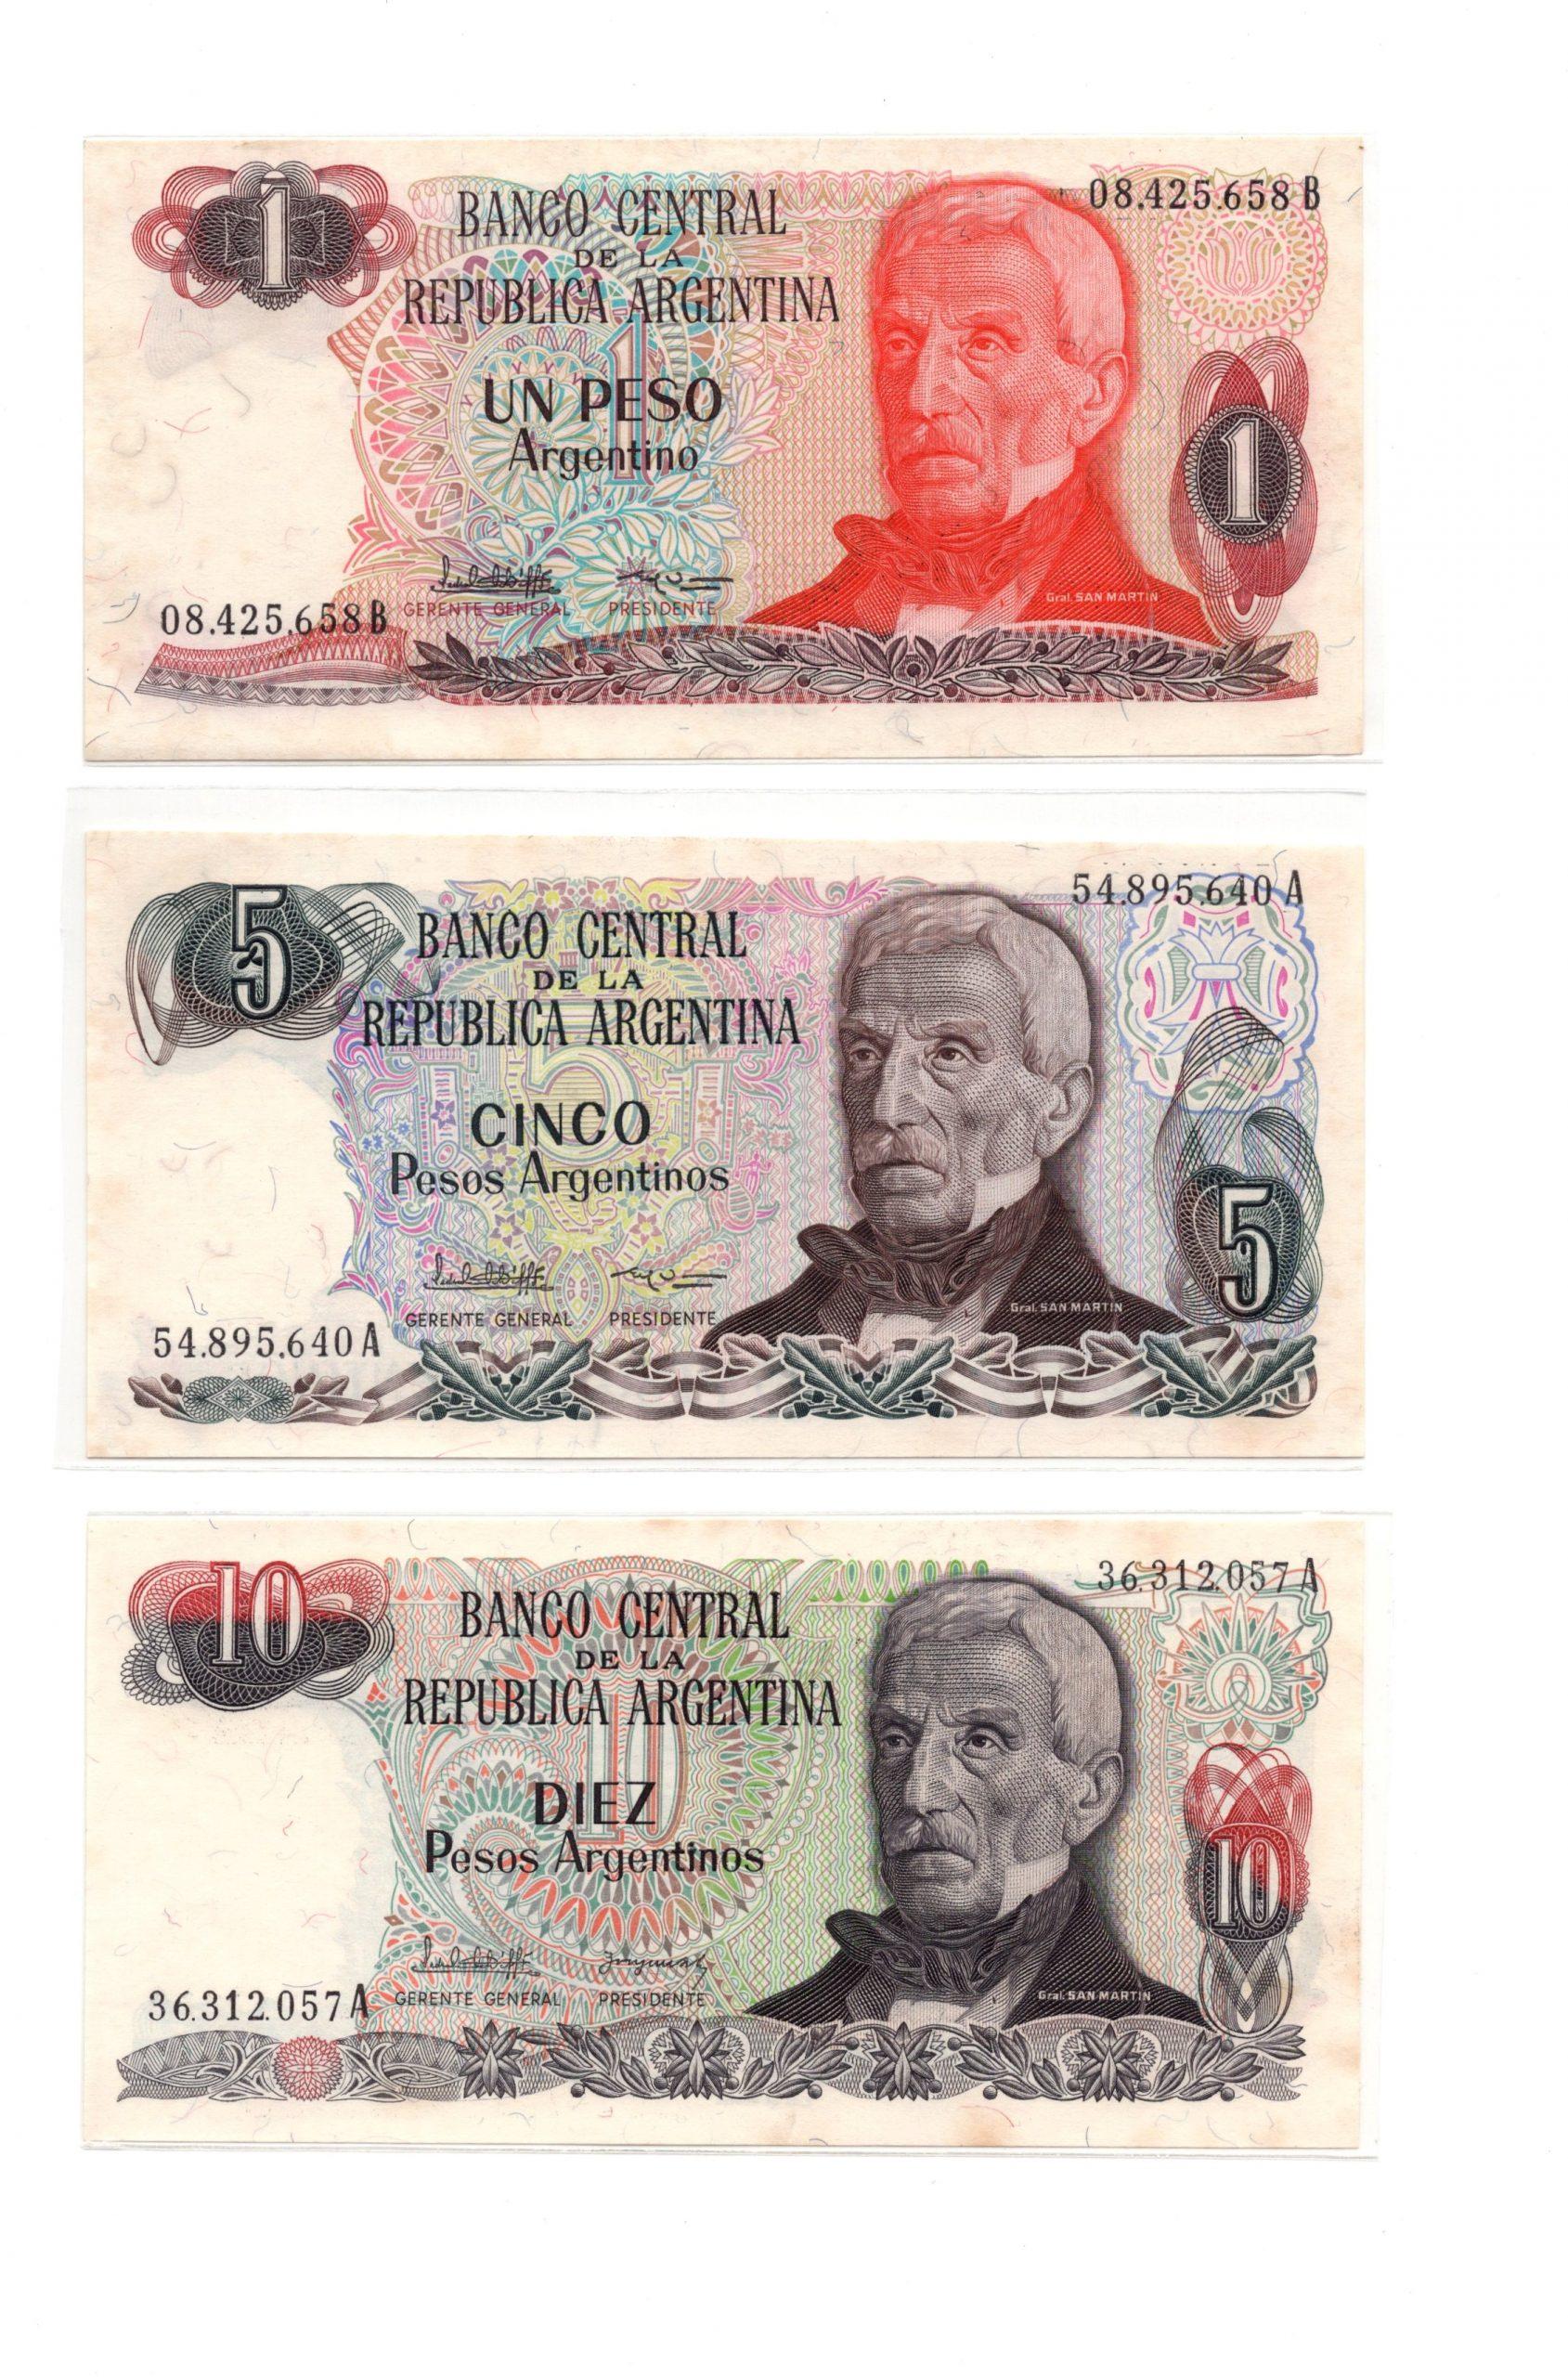 Argentina Gen martin banknote